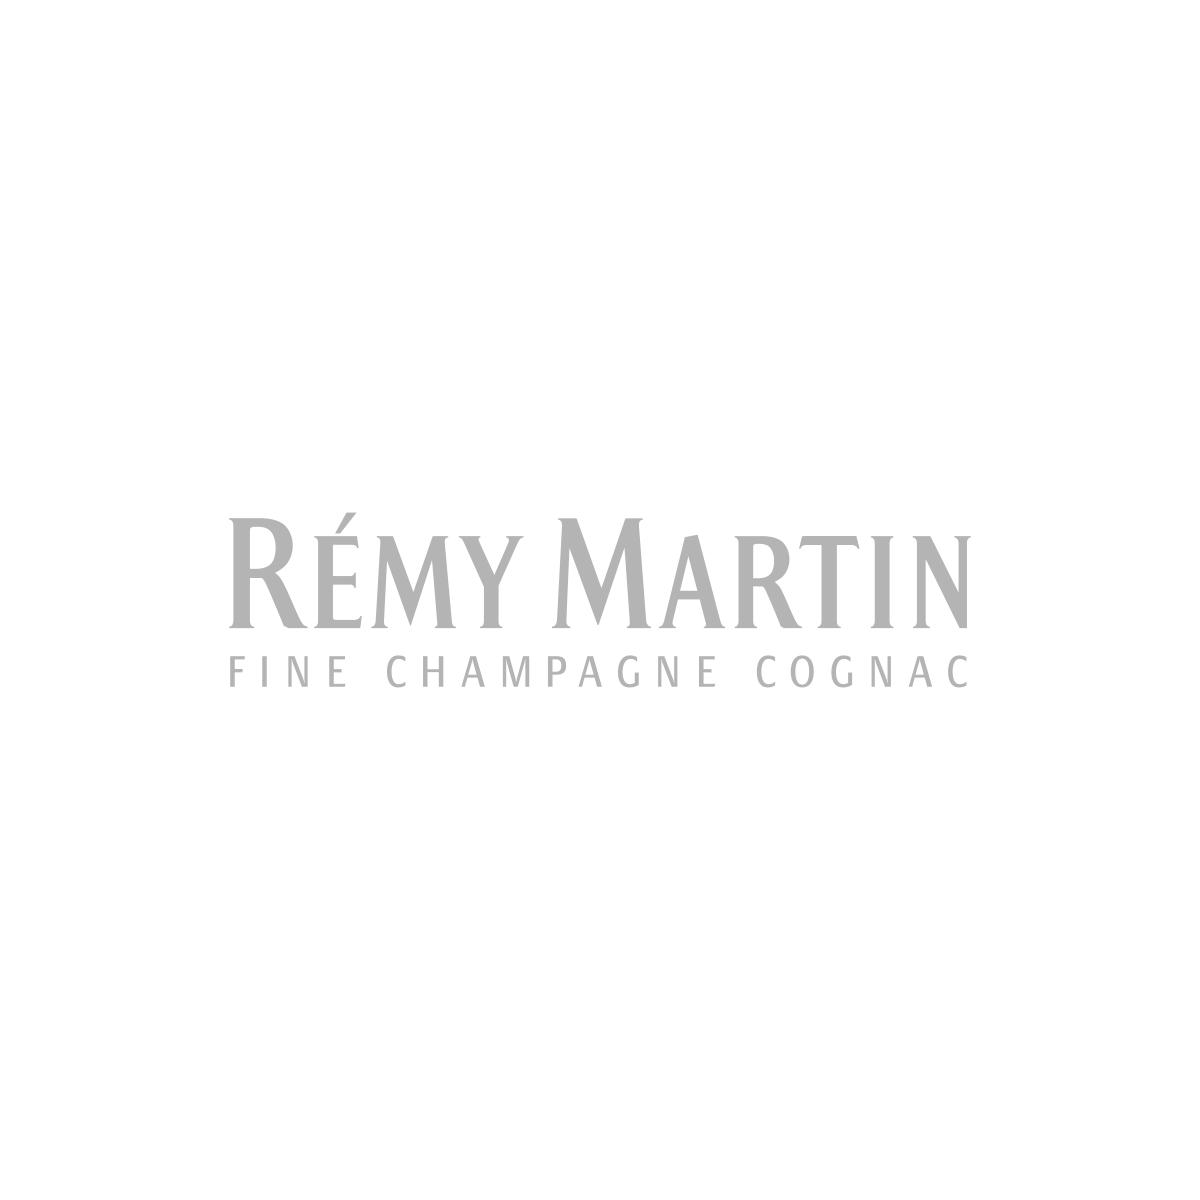 [klienti/Remy.png]